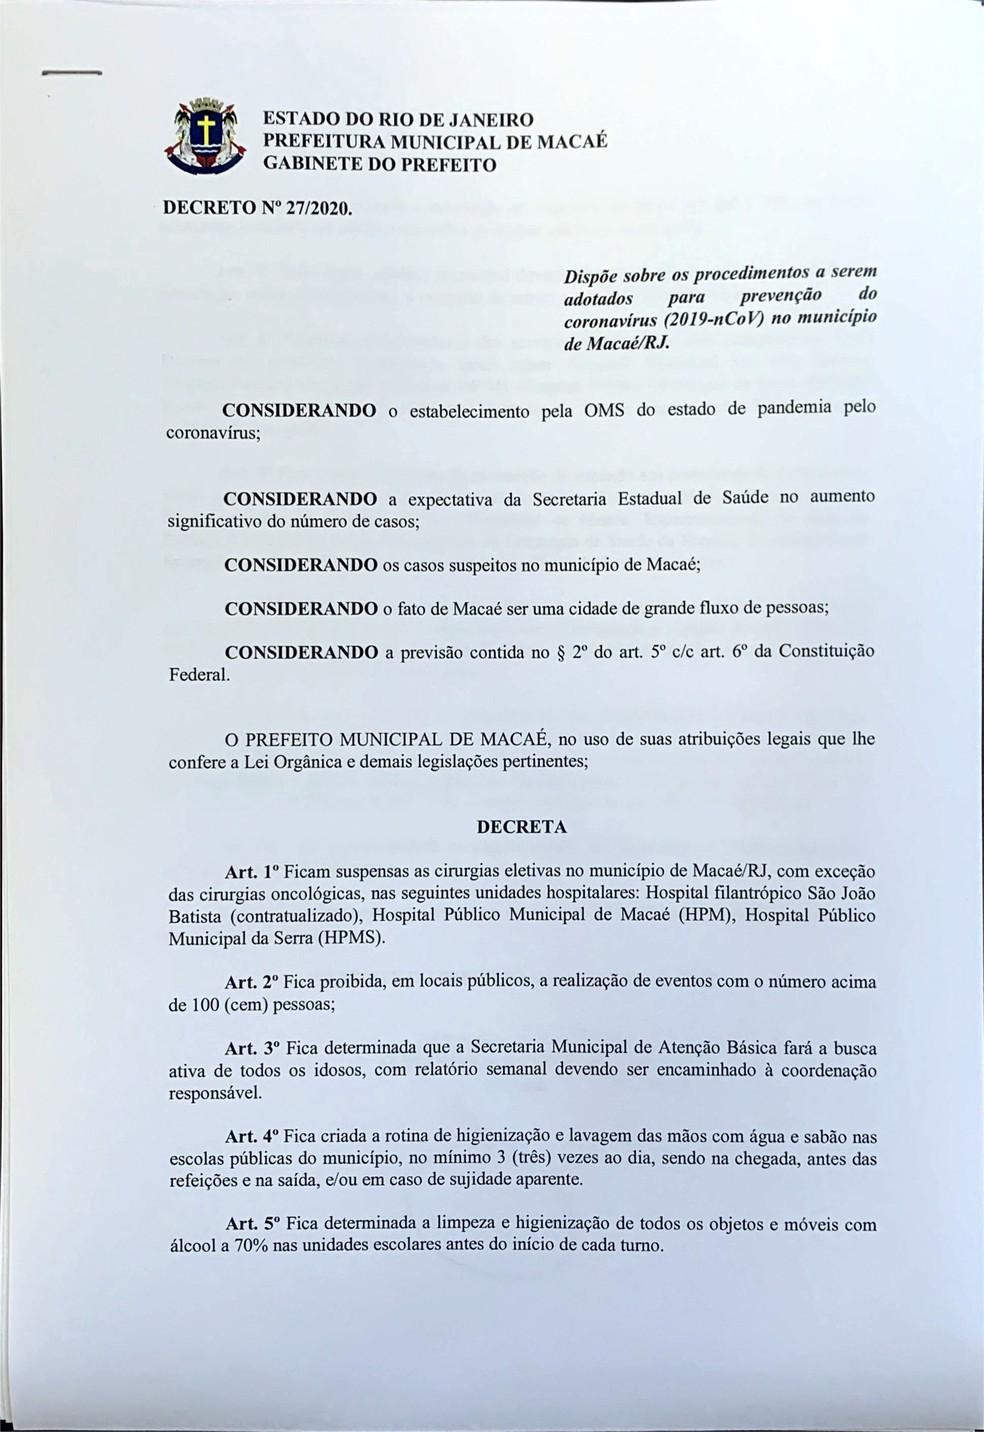 Prefeitura de Macaé anuncia decreto com medidas contra o coronavírus após  OMS confirmar pandemia | Região dos Lagos